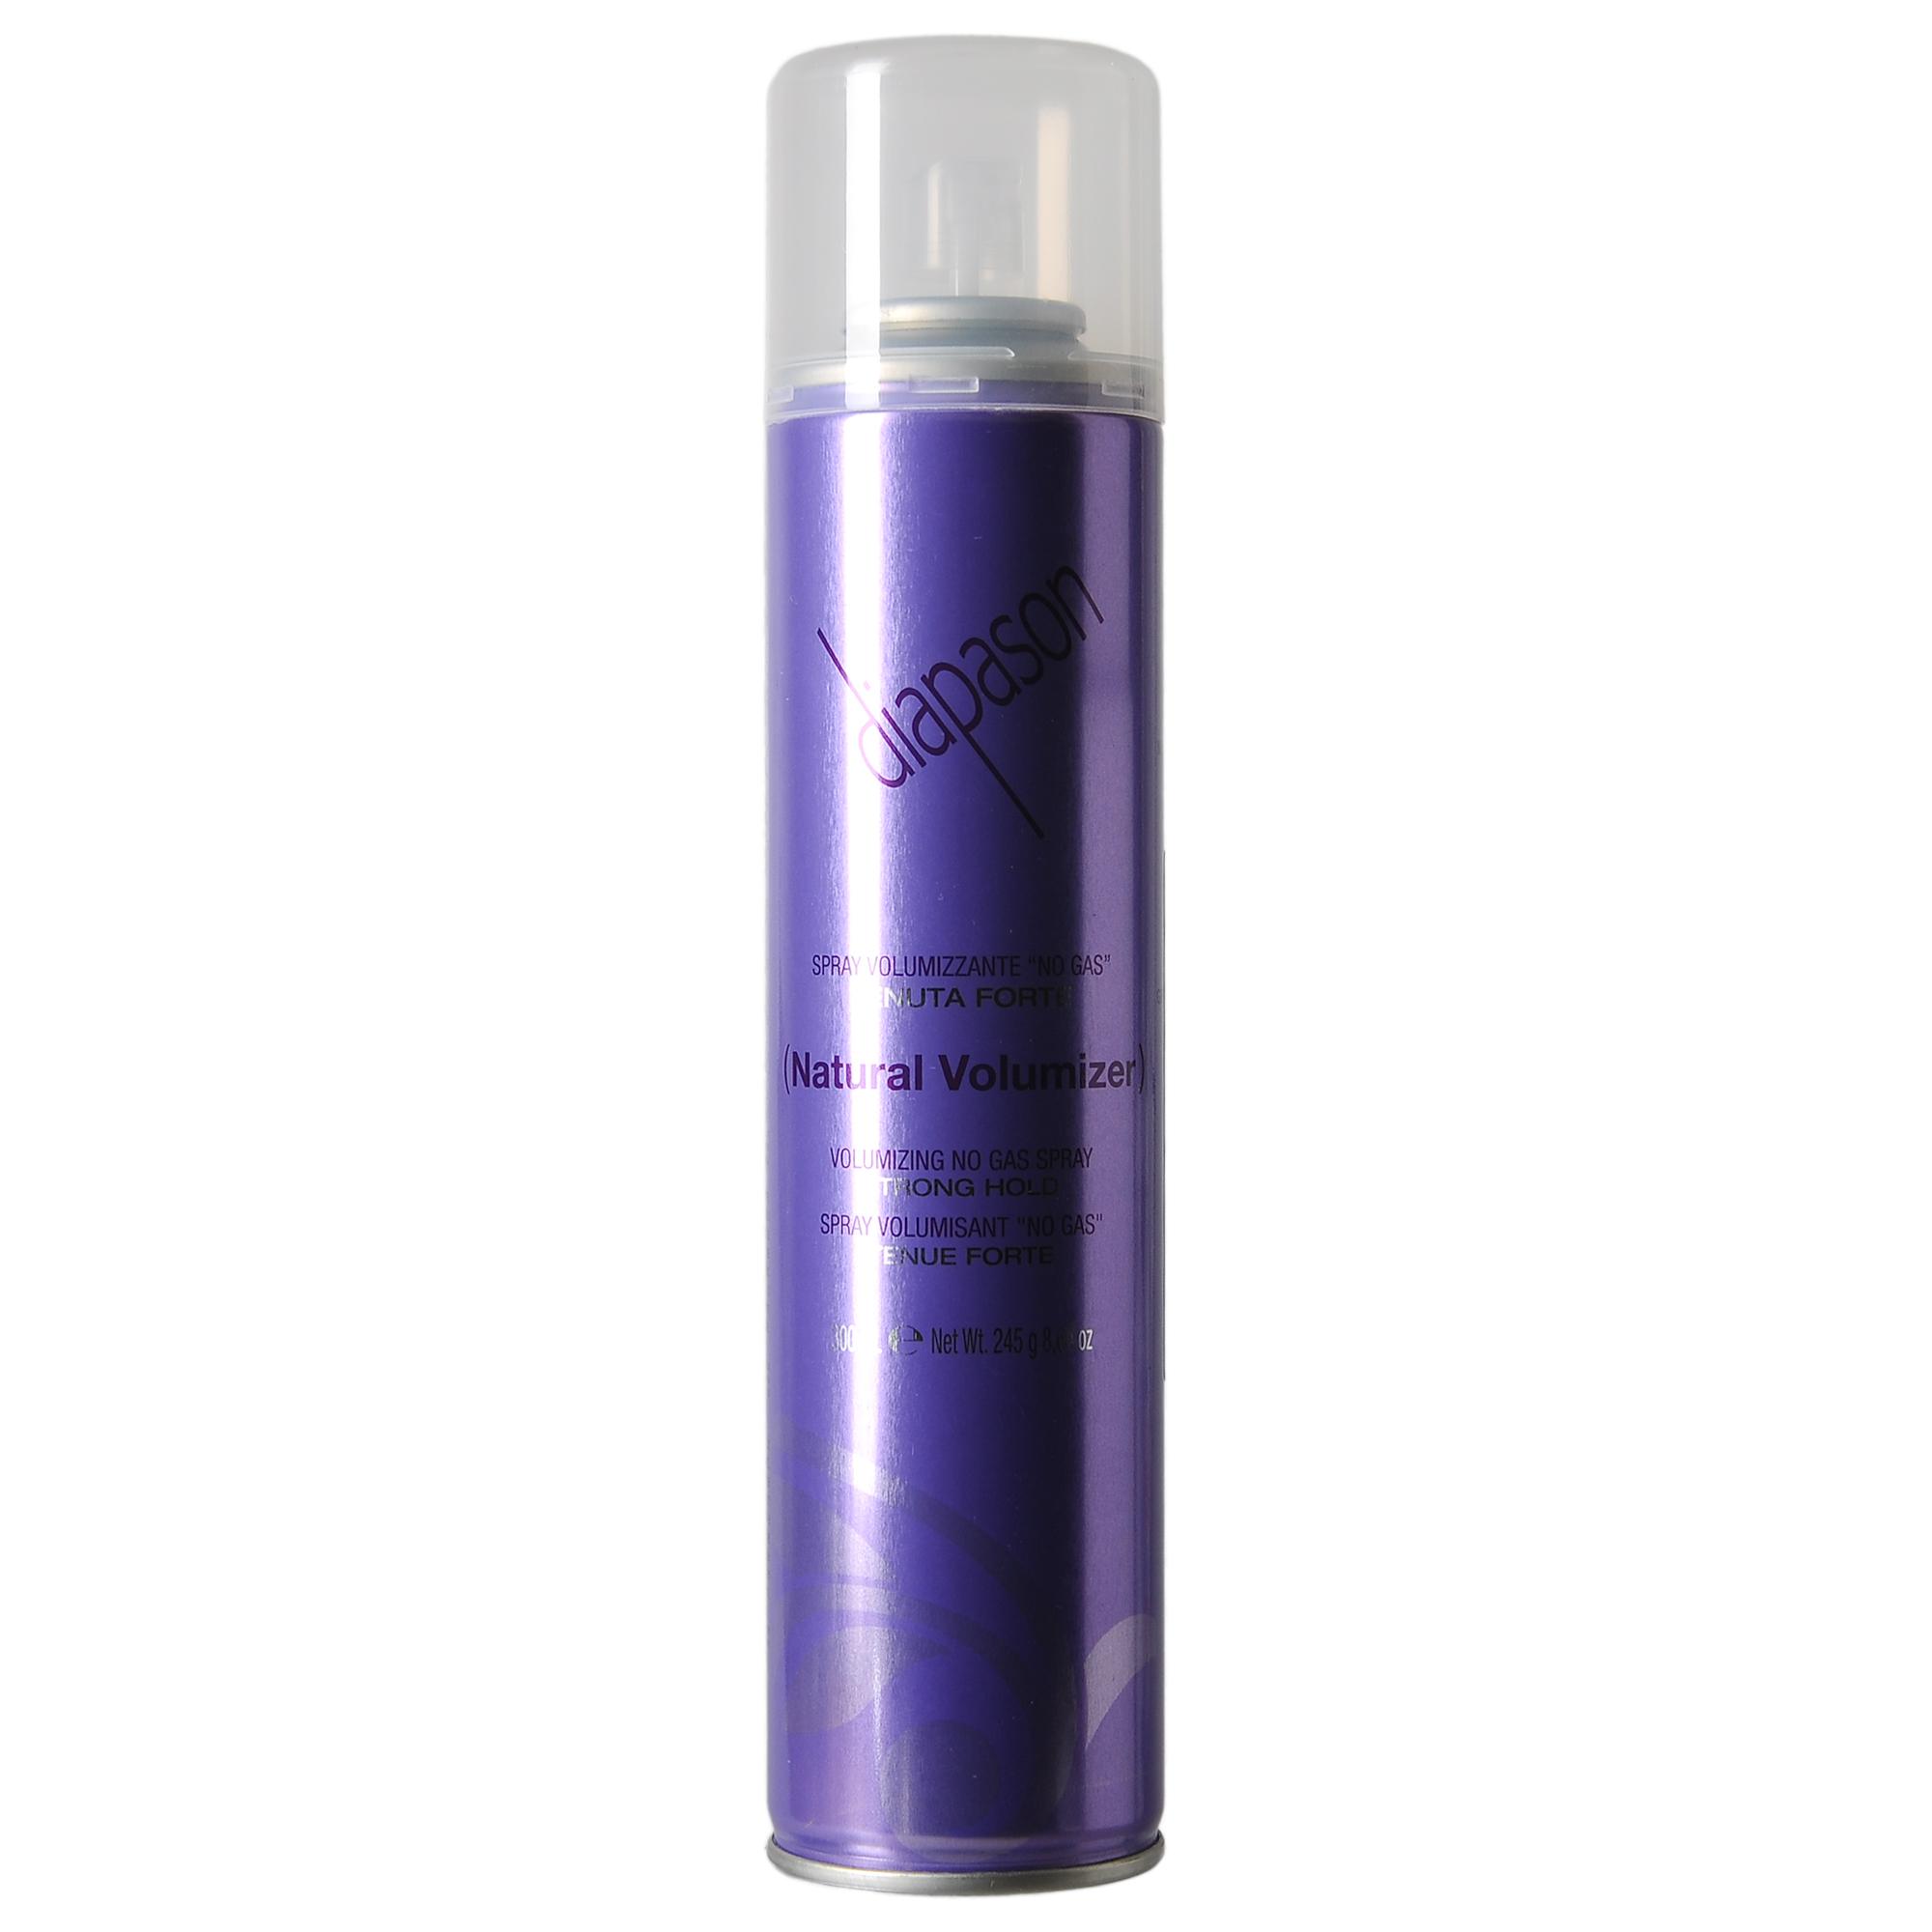 LISAP MILANO Лак профессиональный для волос без газа сильной фиксации / Diapason Volumizing no Gas Strong 300мл